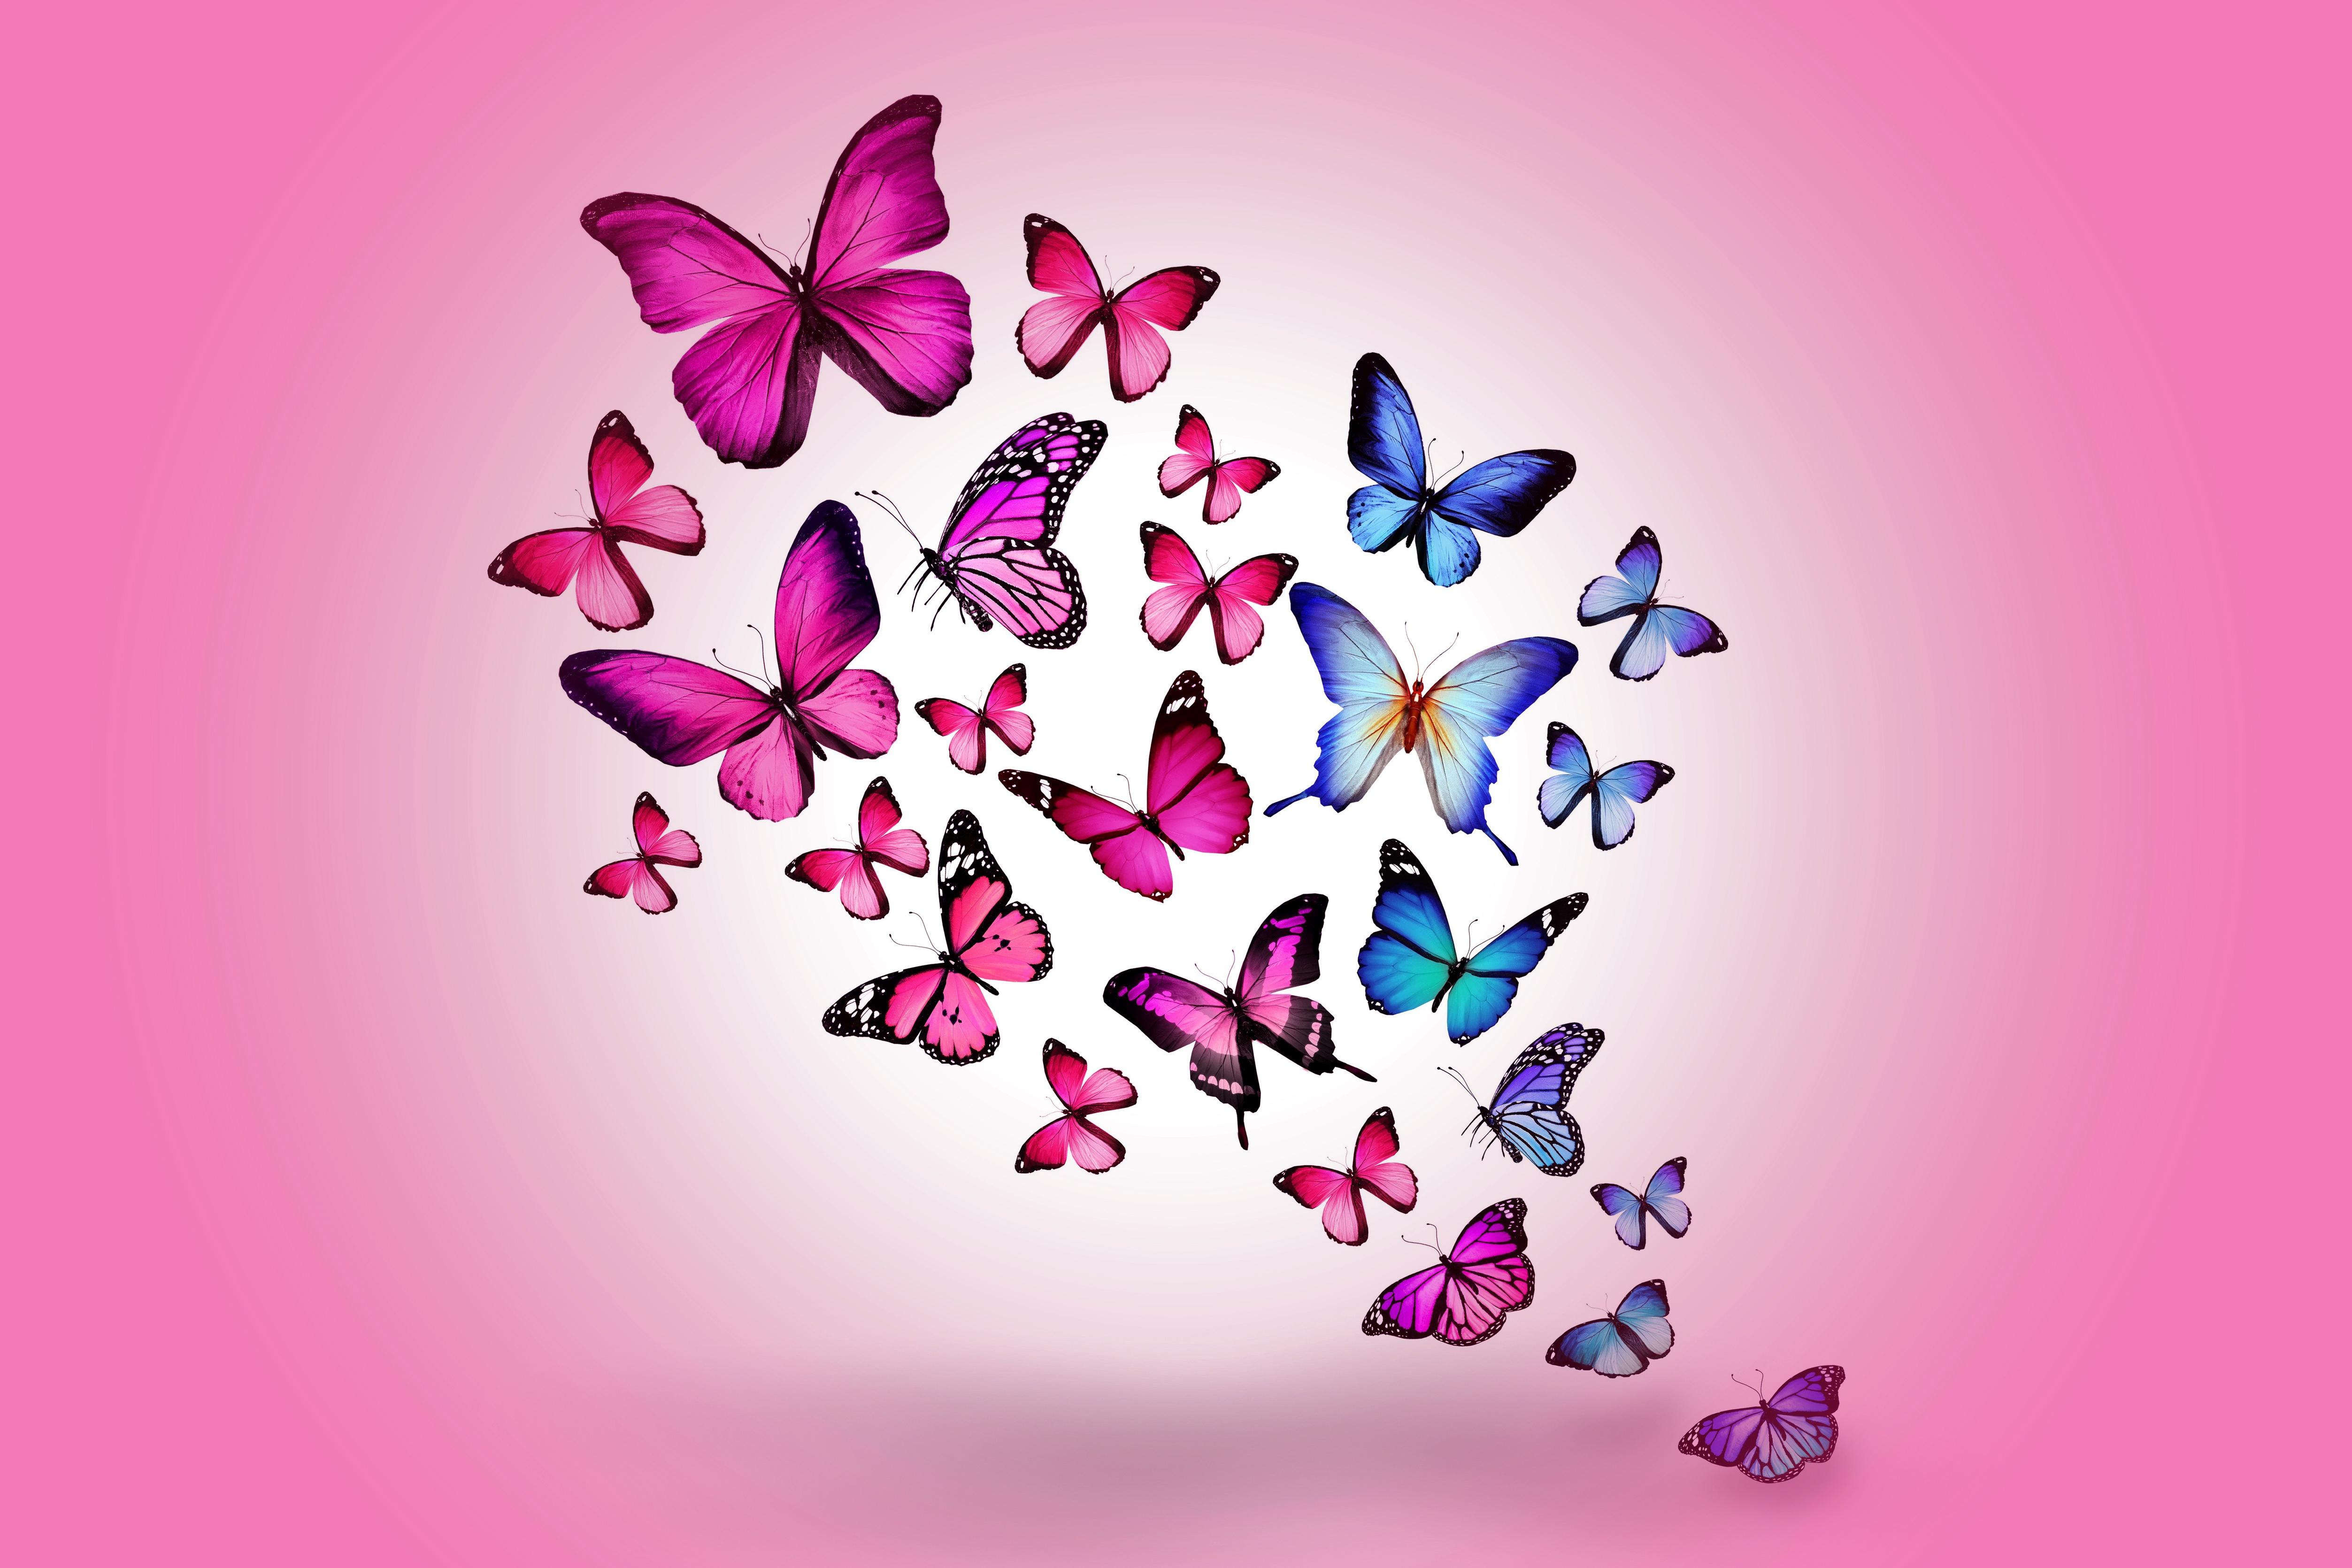 130013 скачать обои Разное, Бабочки, Рисунок, Фон, Полет, Розовый, Разноцветные - заставки и картинки бесплатно